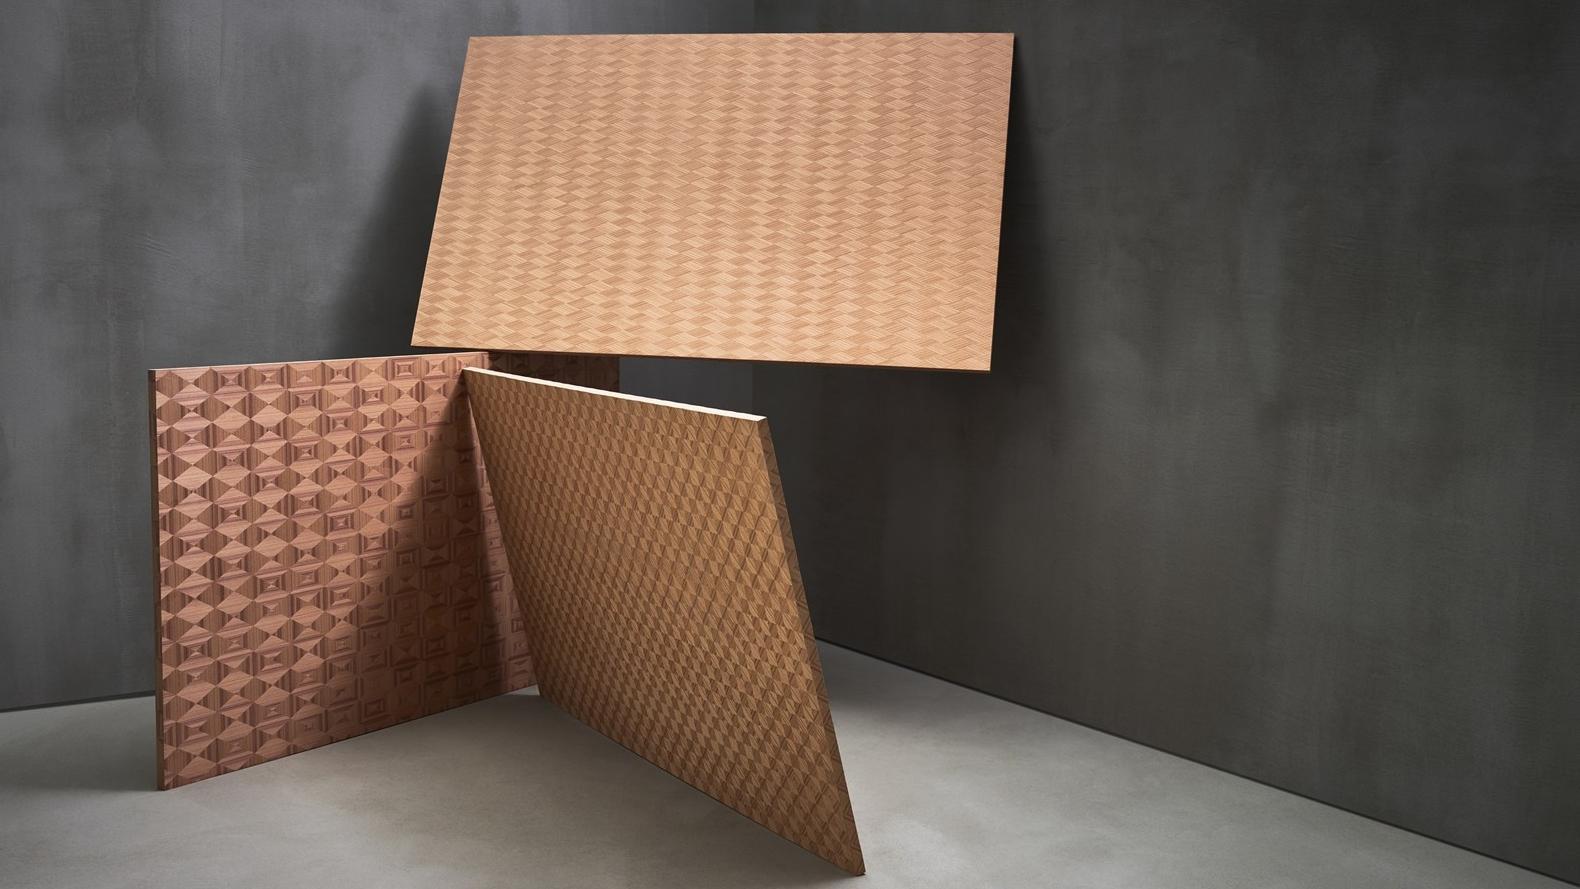 Экспериментальная коллекция - Коллекция состоит из уникальногошпона, который поставляется только под заказ, либо уже снят с производства.